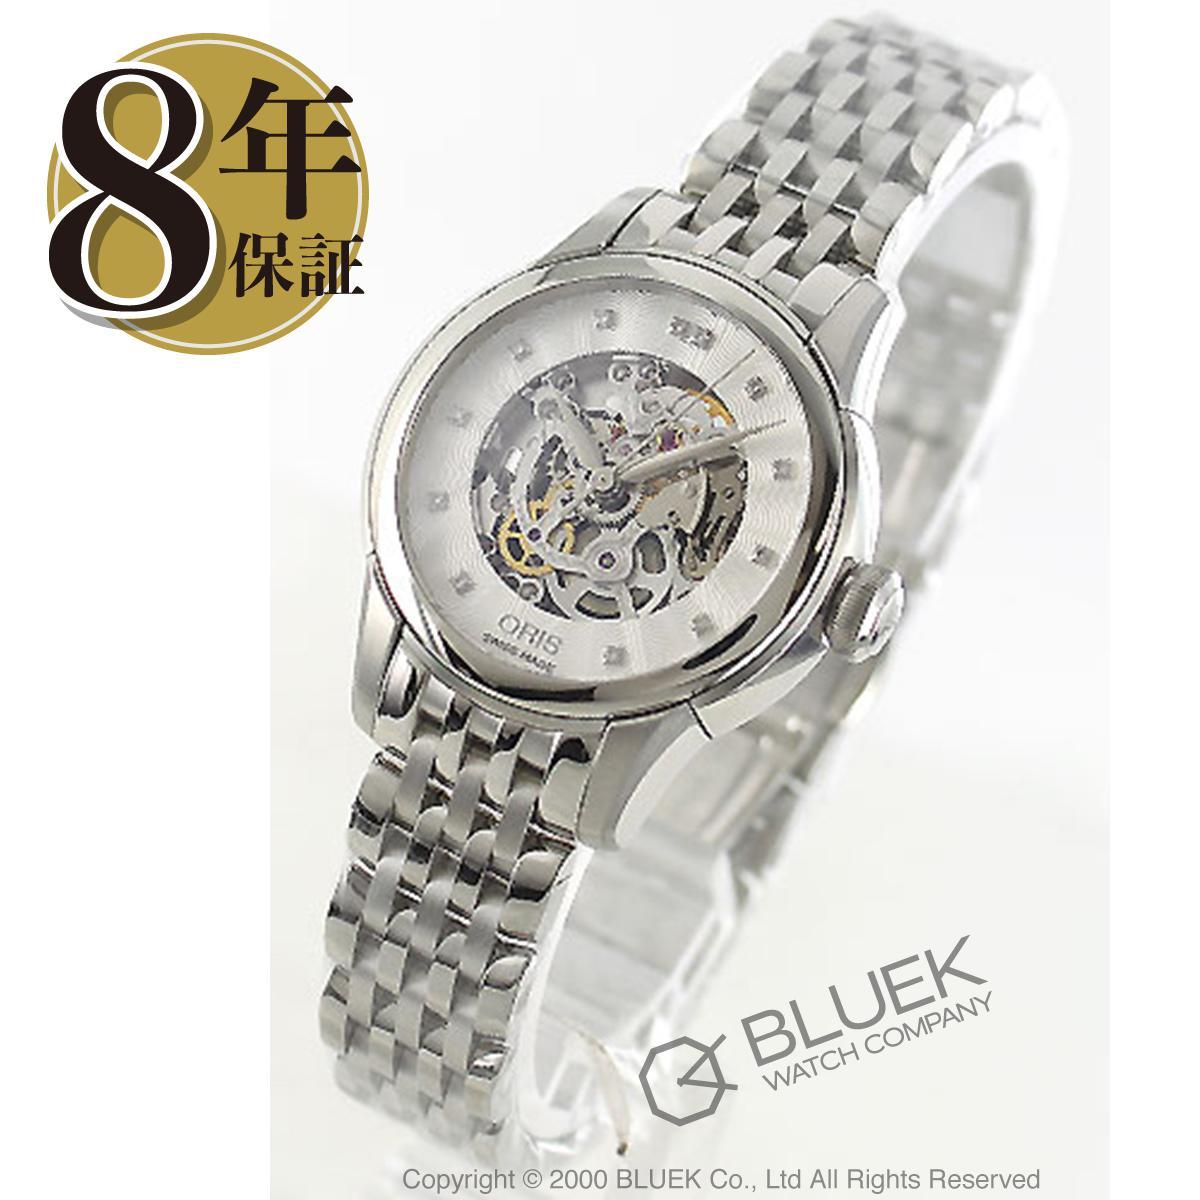 オリス アートリエ ダイヤ 腕時計 レディース ORIS 560 7687 4019M_8